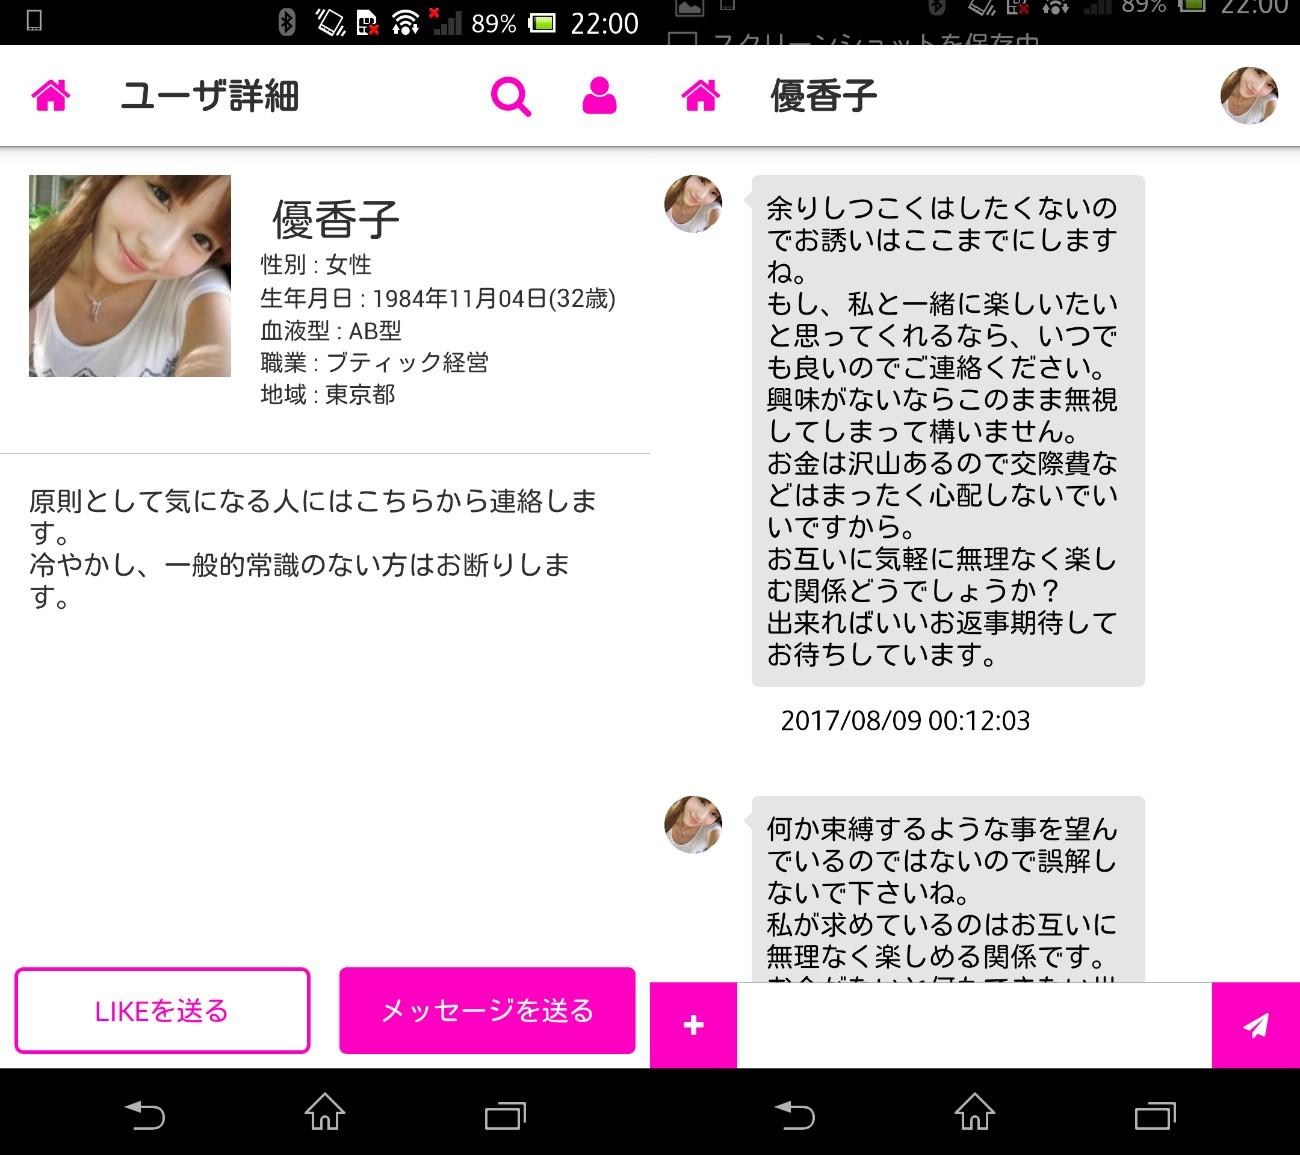 出会い系アプリぺあトーク!安心匿名登録で簡単出合いチャット★サクラの優香子